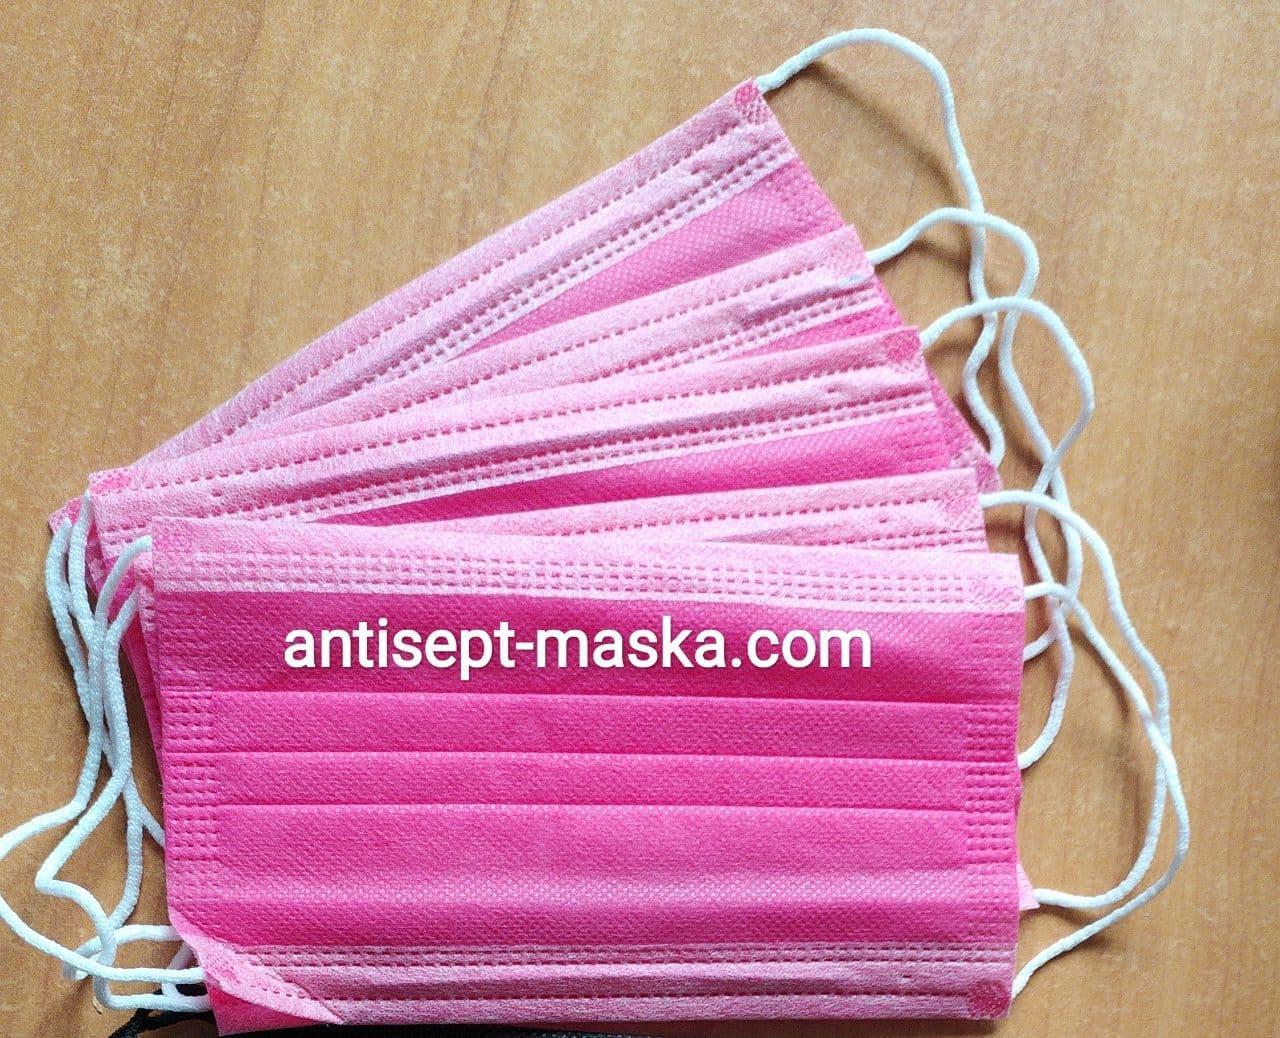 Защитные медицинские маски Розовые Рожеві медичні. Мельтблаун слой. 3 слоя, фиксатор. Коробка 50шт